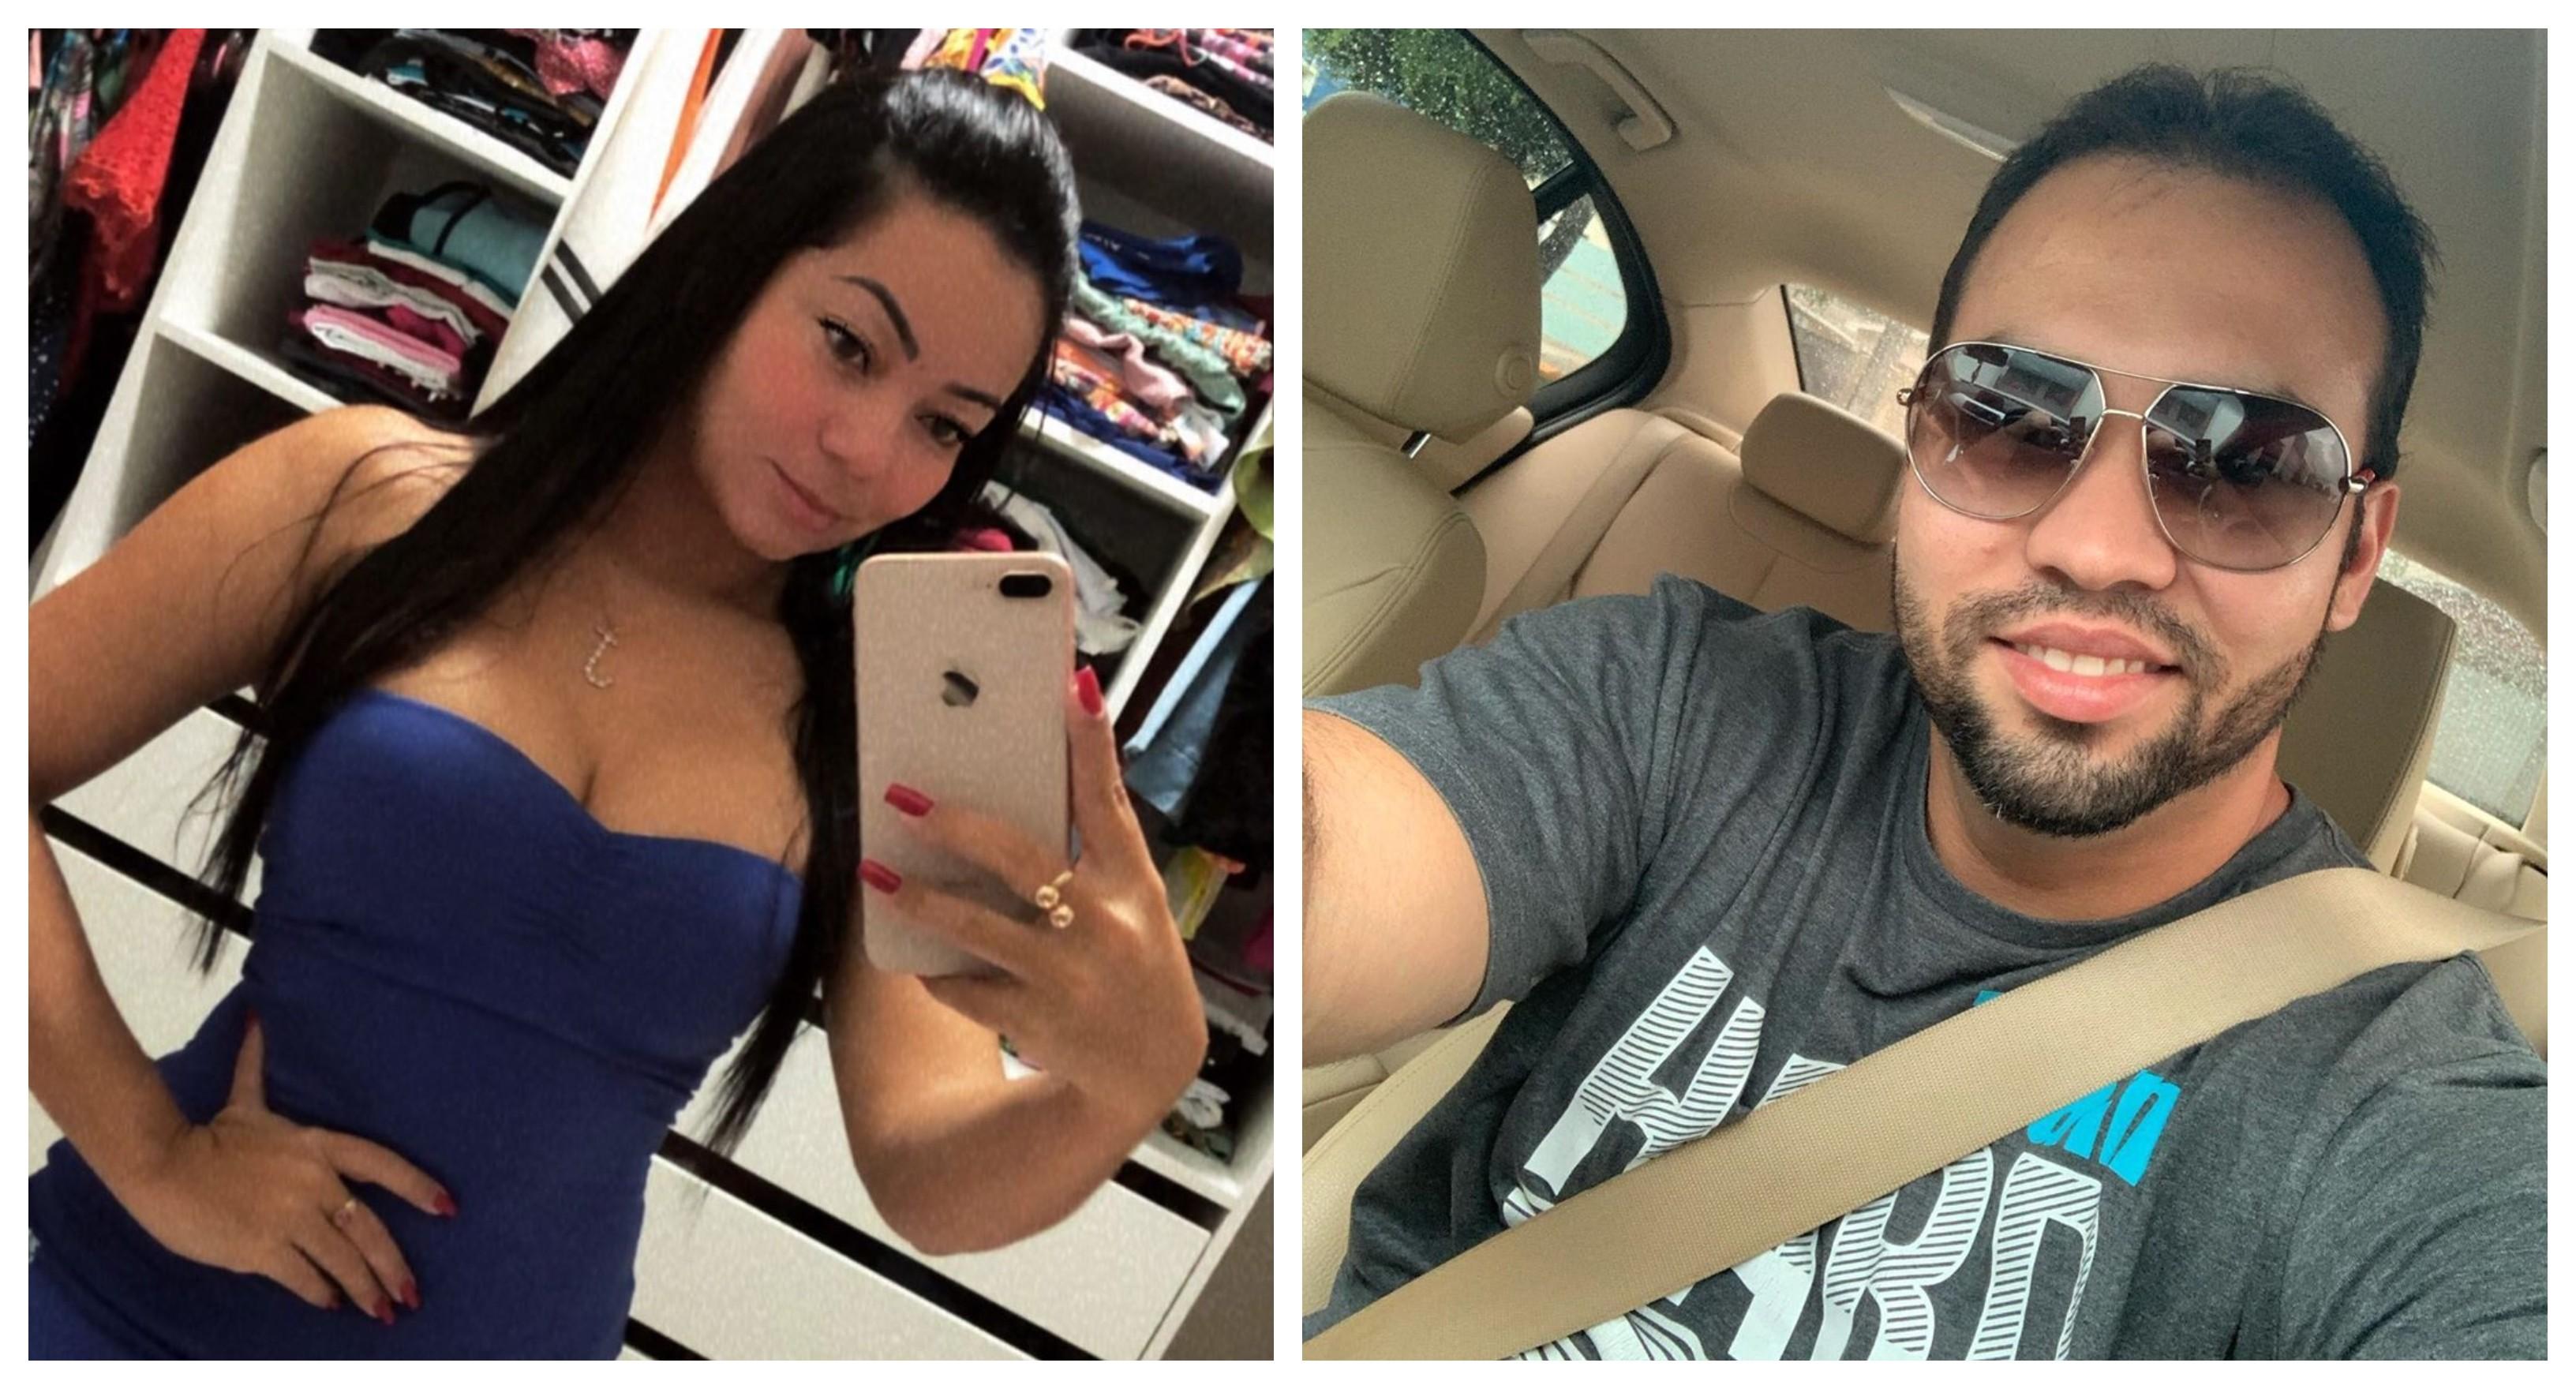 STJ nega liberdade a suspeito de matar PM e namorada em emboscada, em Boa Vista